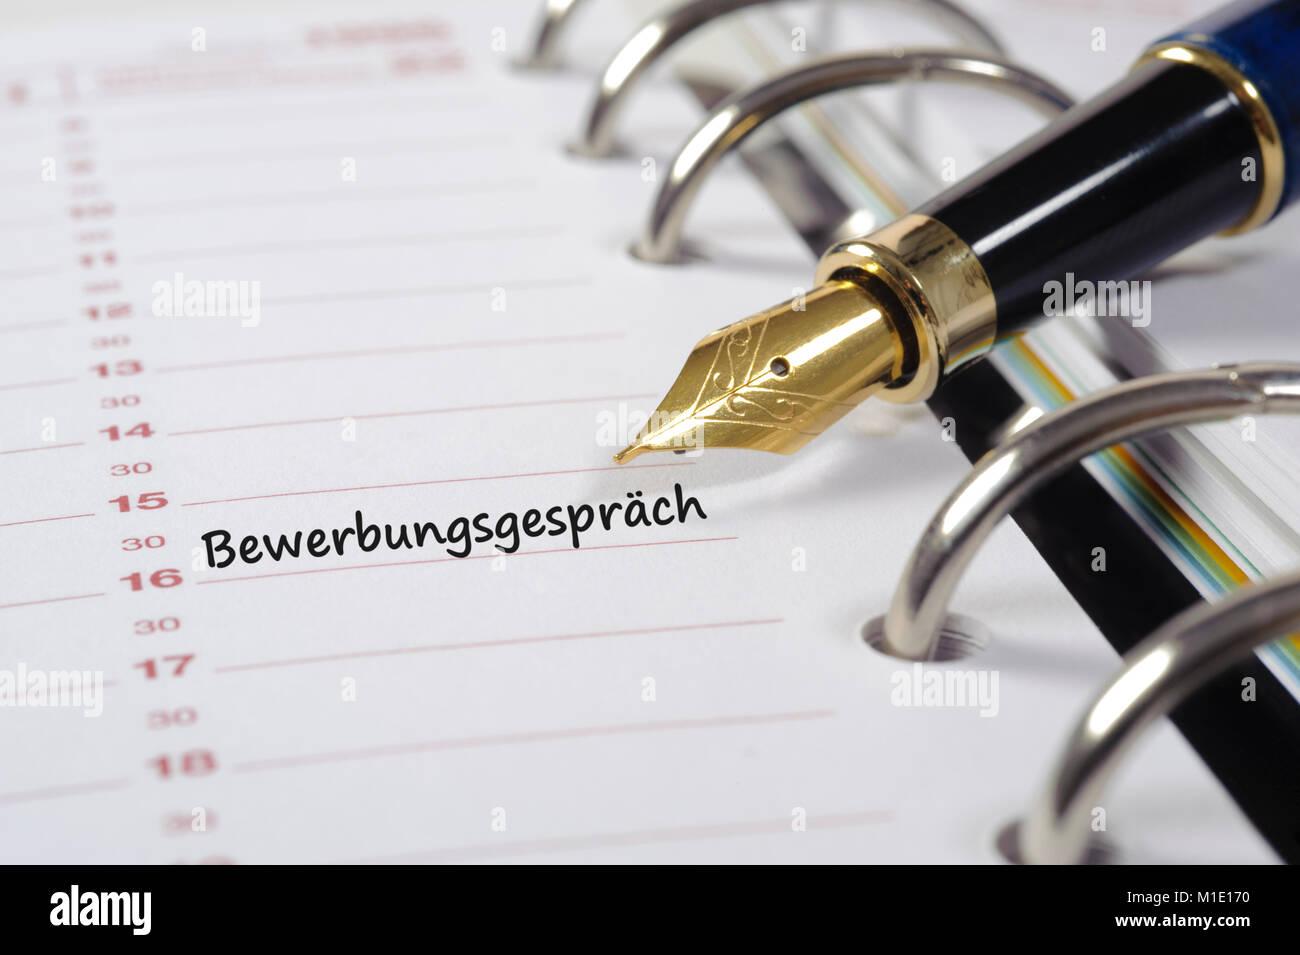 Termin für Bewerbungsgespräch im Kalender Stock Photo